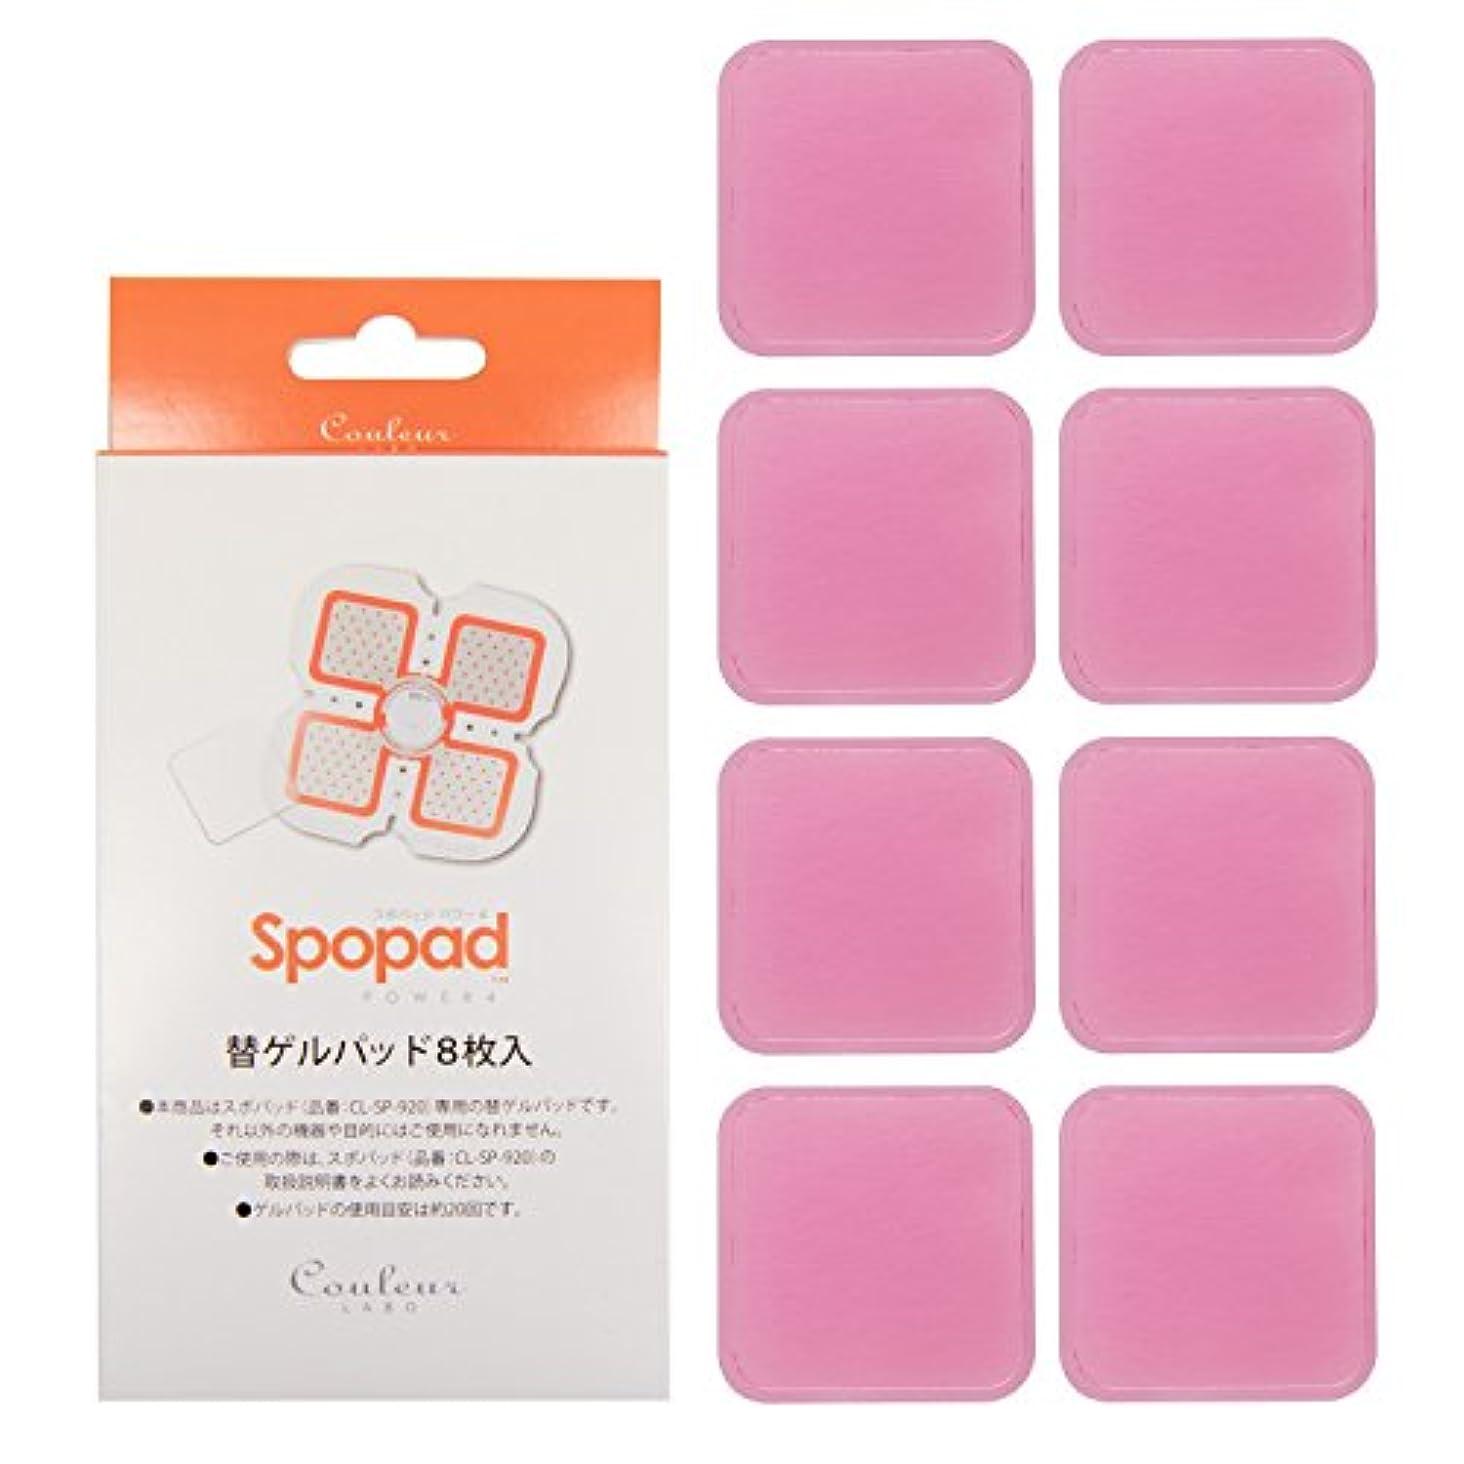 詐欺師ピカソおばあさんSPOPAD POWER4(スポパッドパワー4)専用替ゲルパッド8枚入り